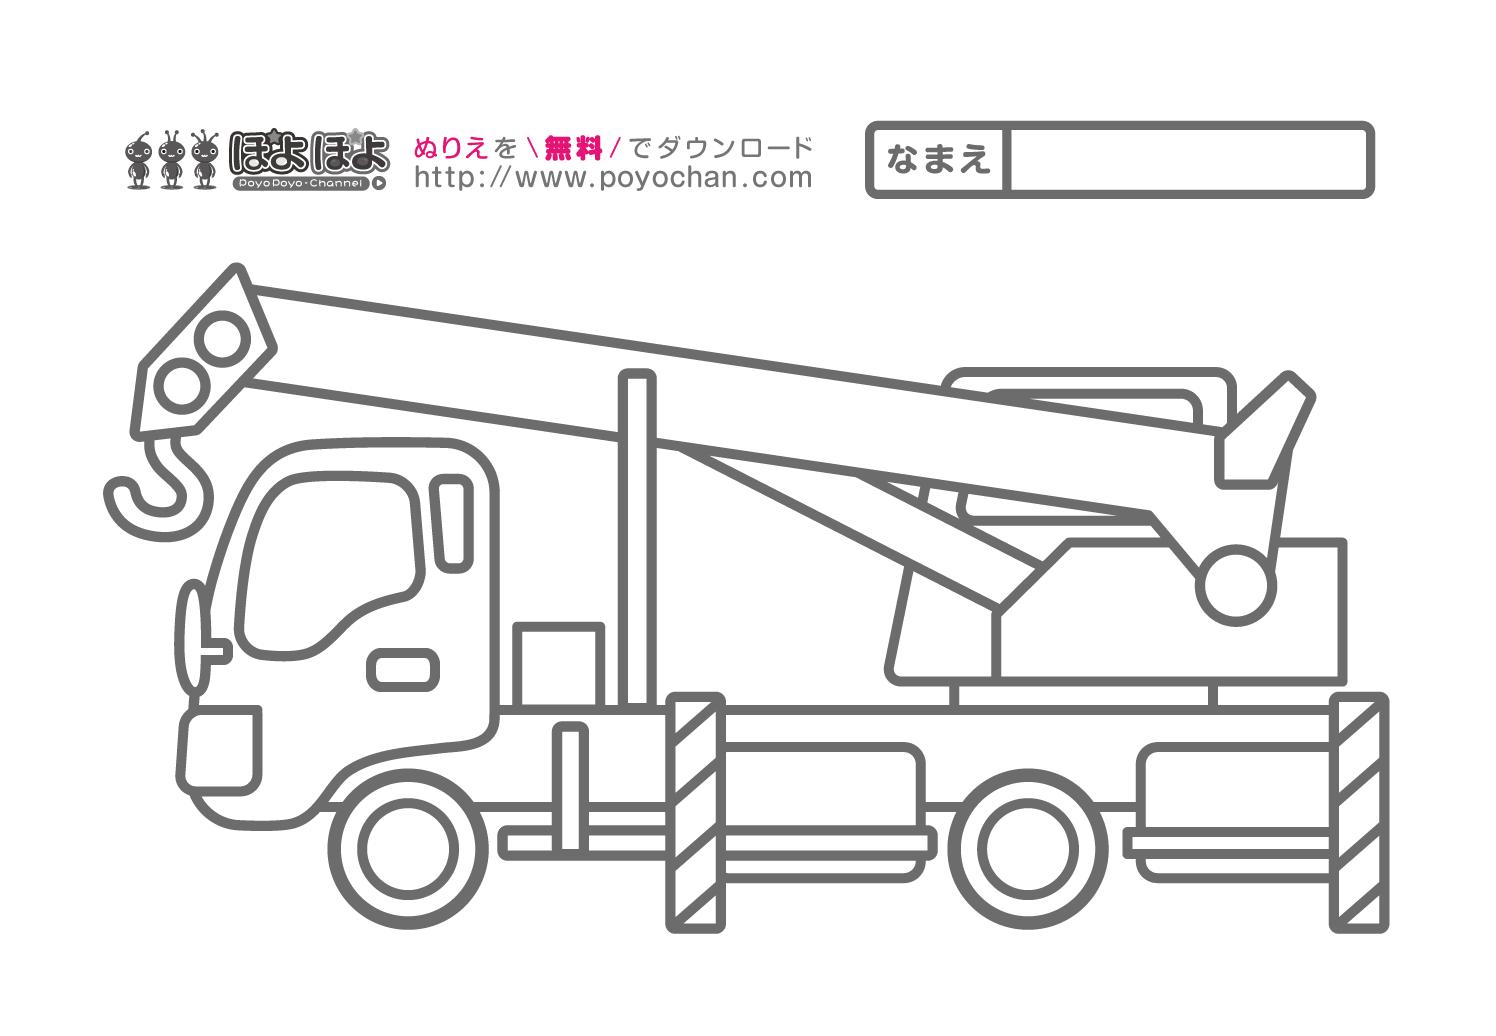 無料ぬりえクレーン車 知育アニメと無料ぬりえぽよぽよチャンネル